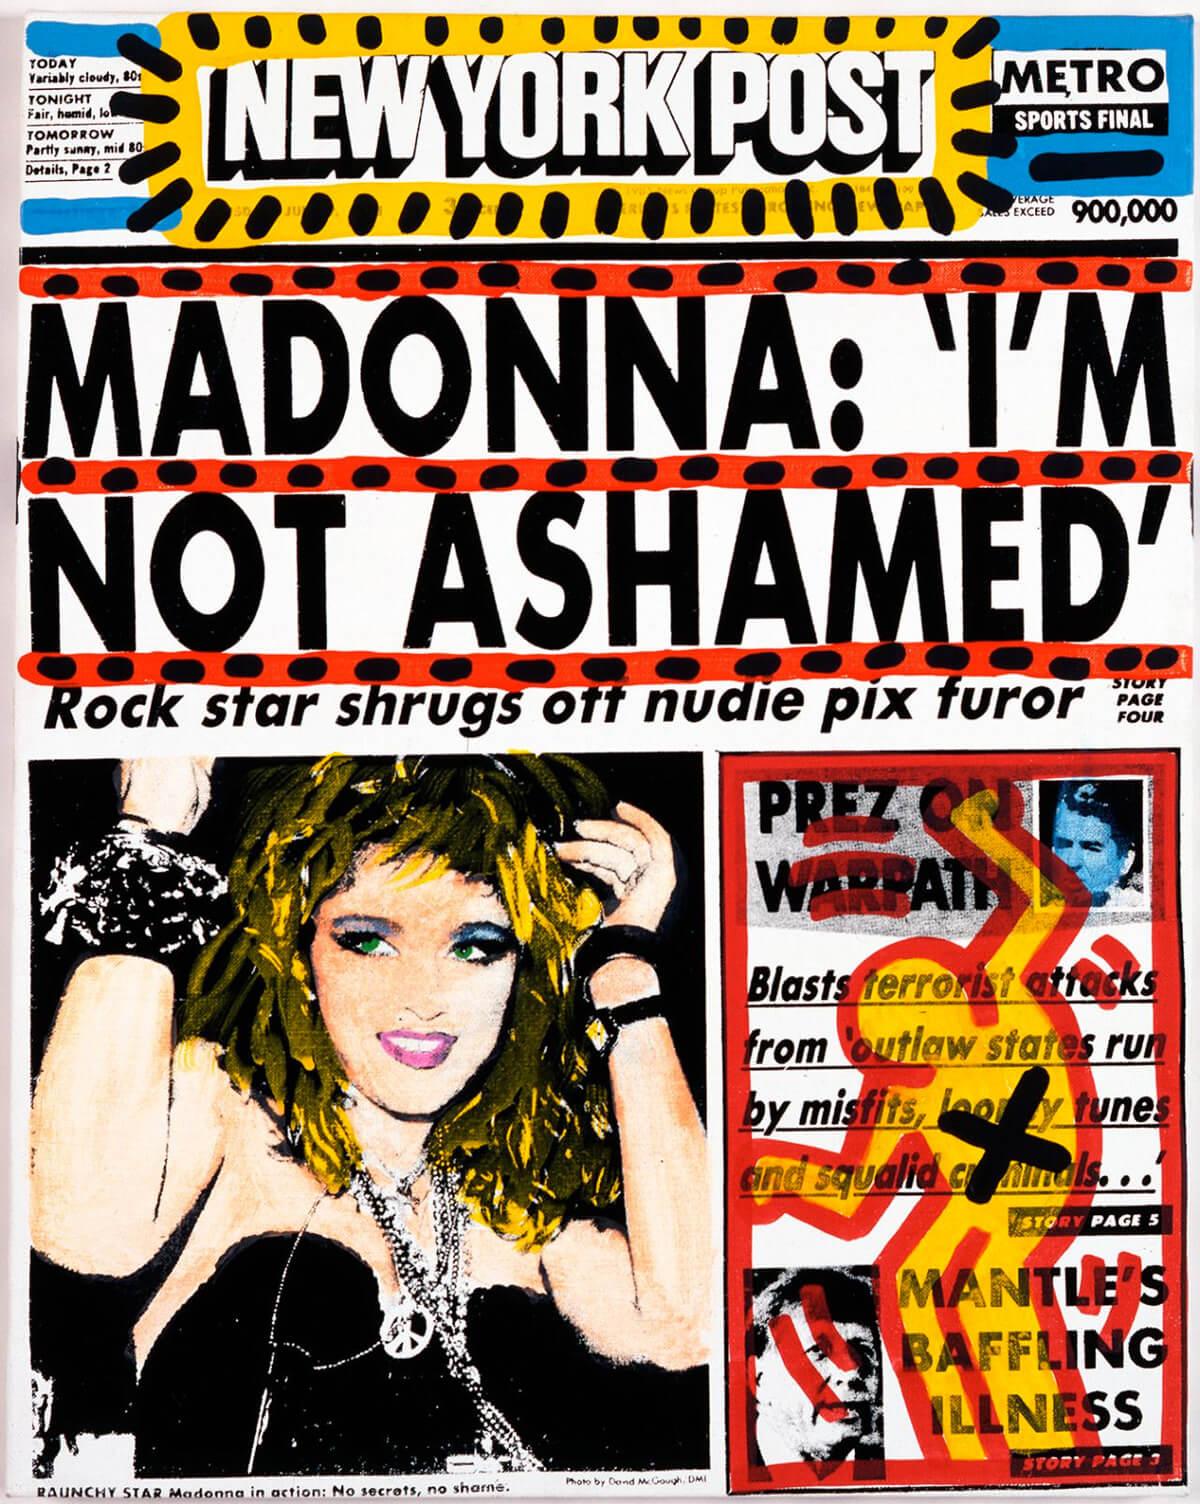 Keith Haring, Madonna